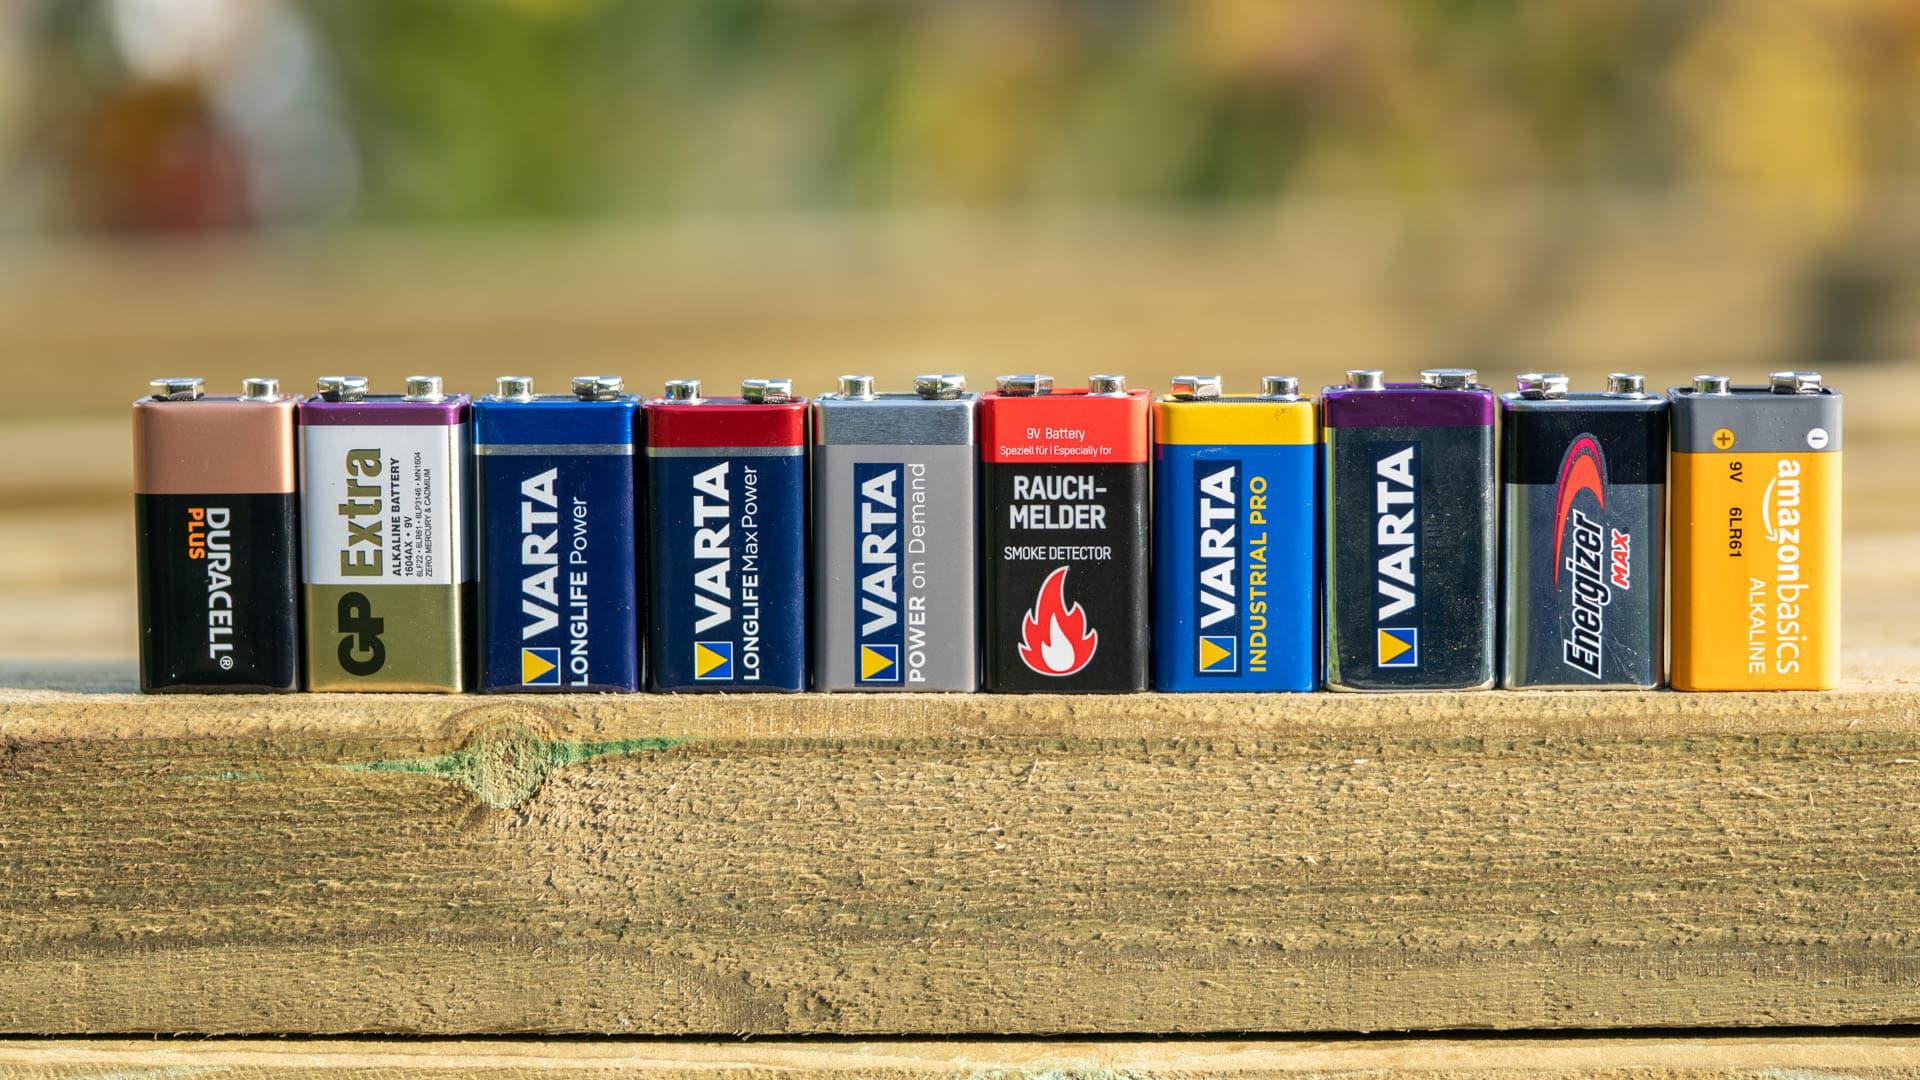 10x 9V Block-Batterien im Vergleich, wer ist besser Varta, Duracell, Energizer, …?